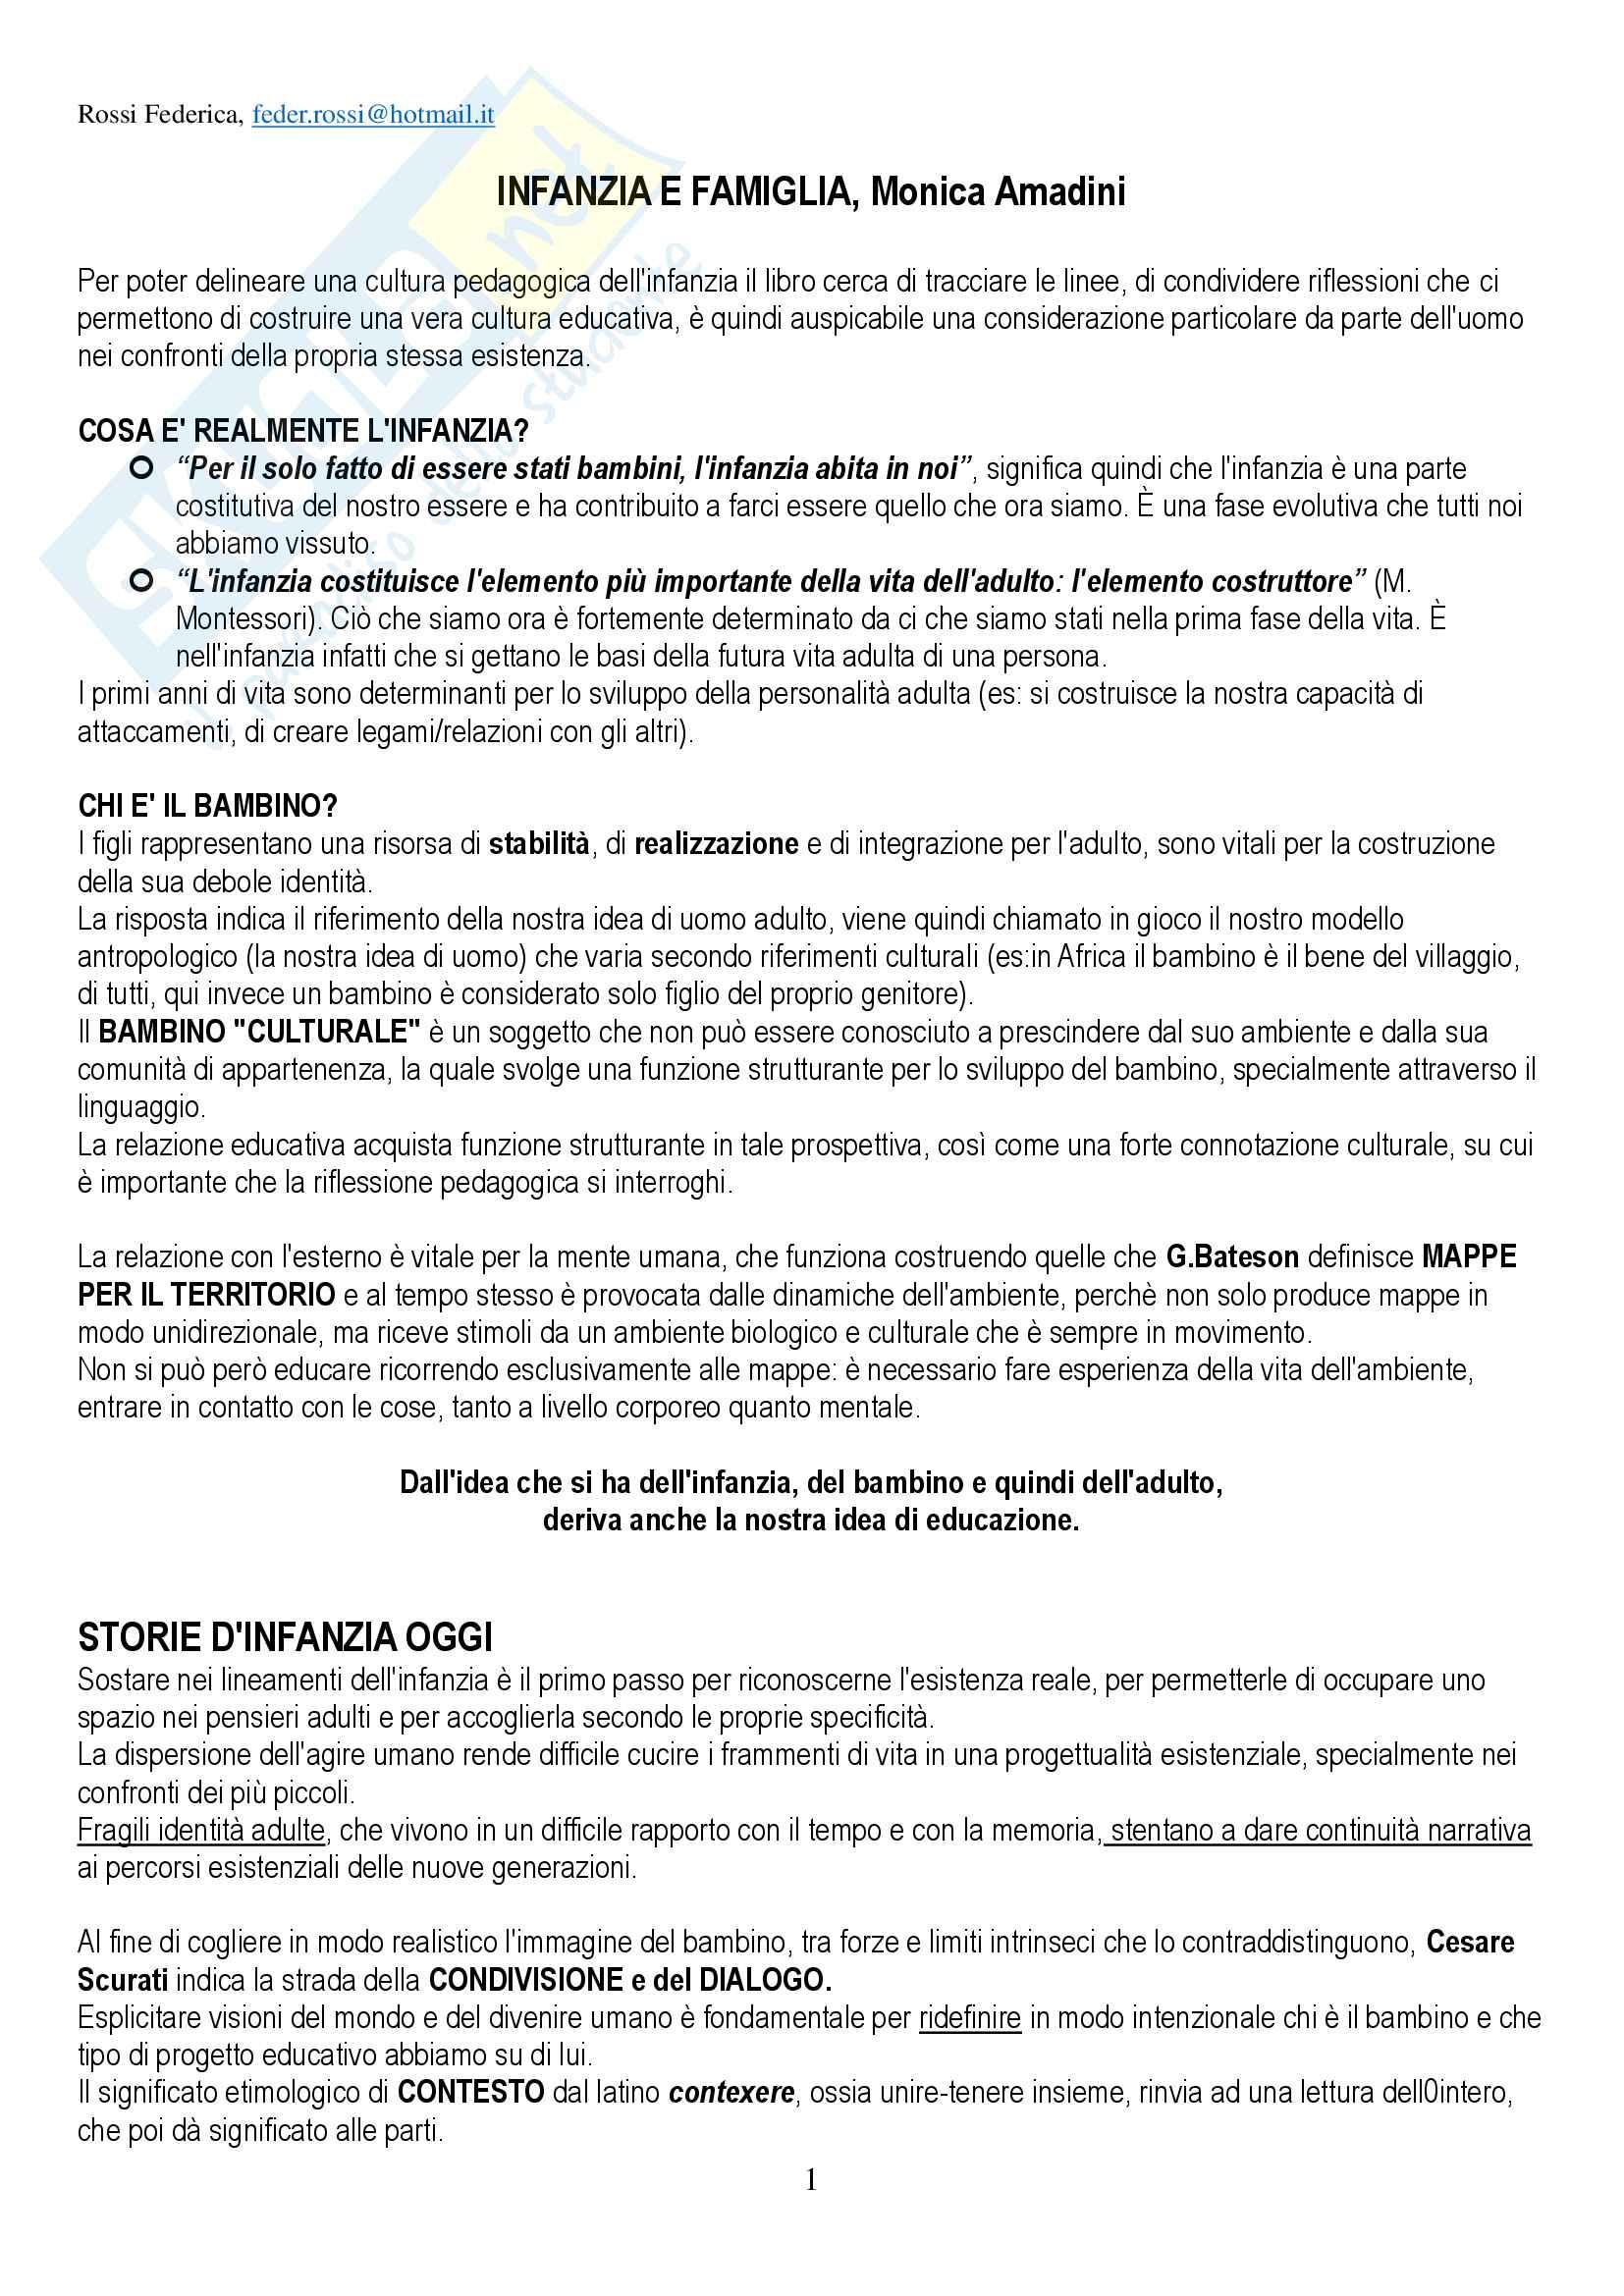 """Riassunto per esame di Pedagogia della persona, prof Amadini, libro consigliato """"Infanzia e famiglia"""", Amadini"""